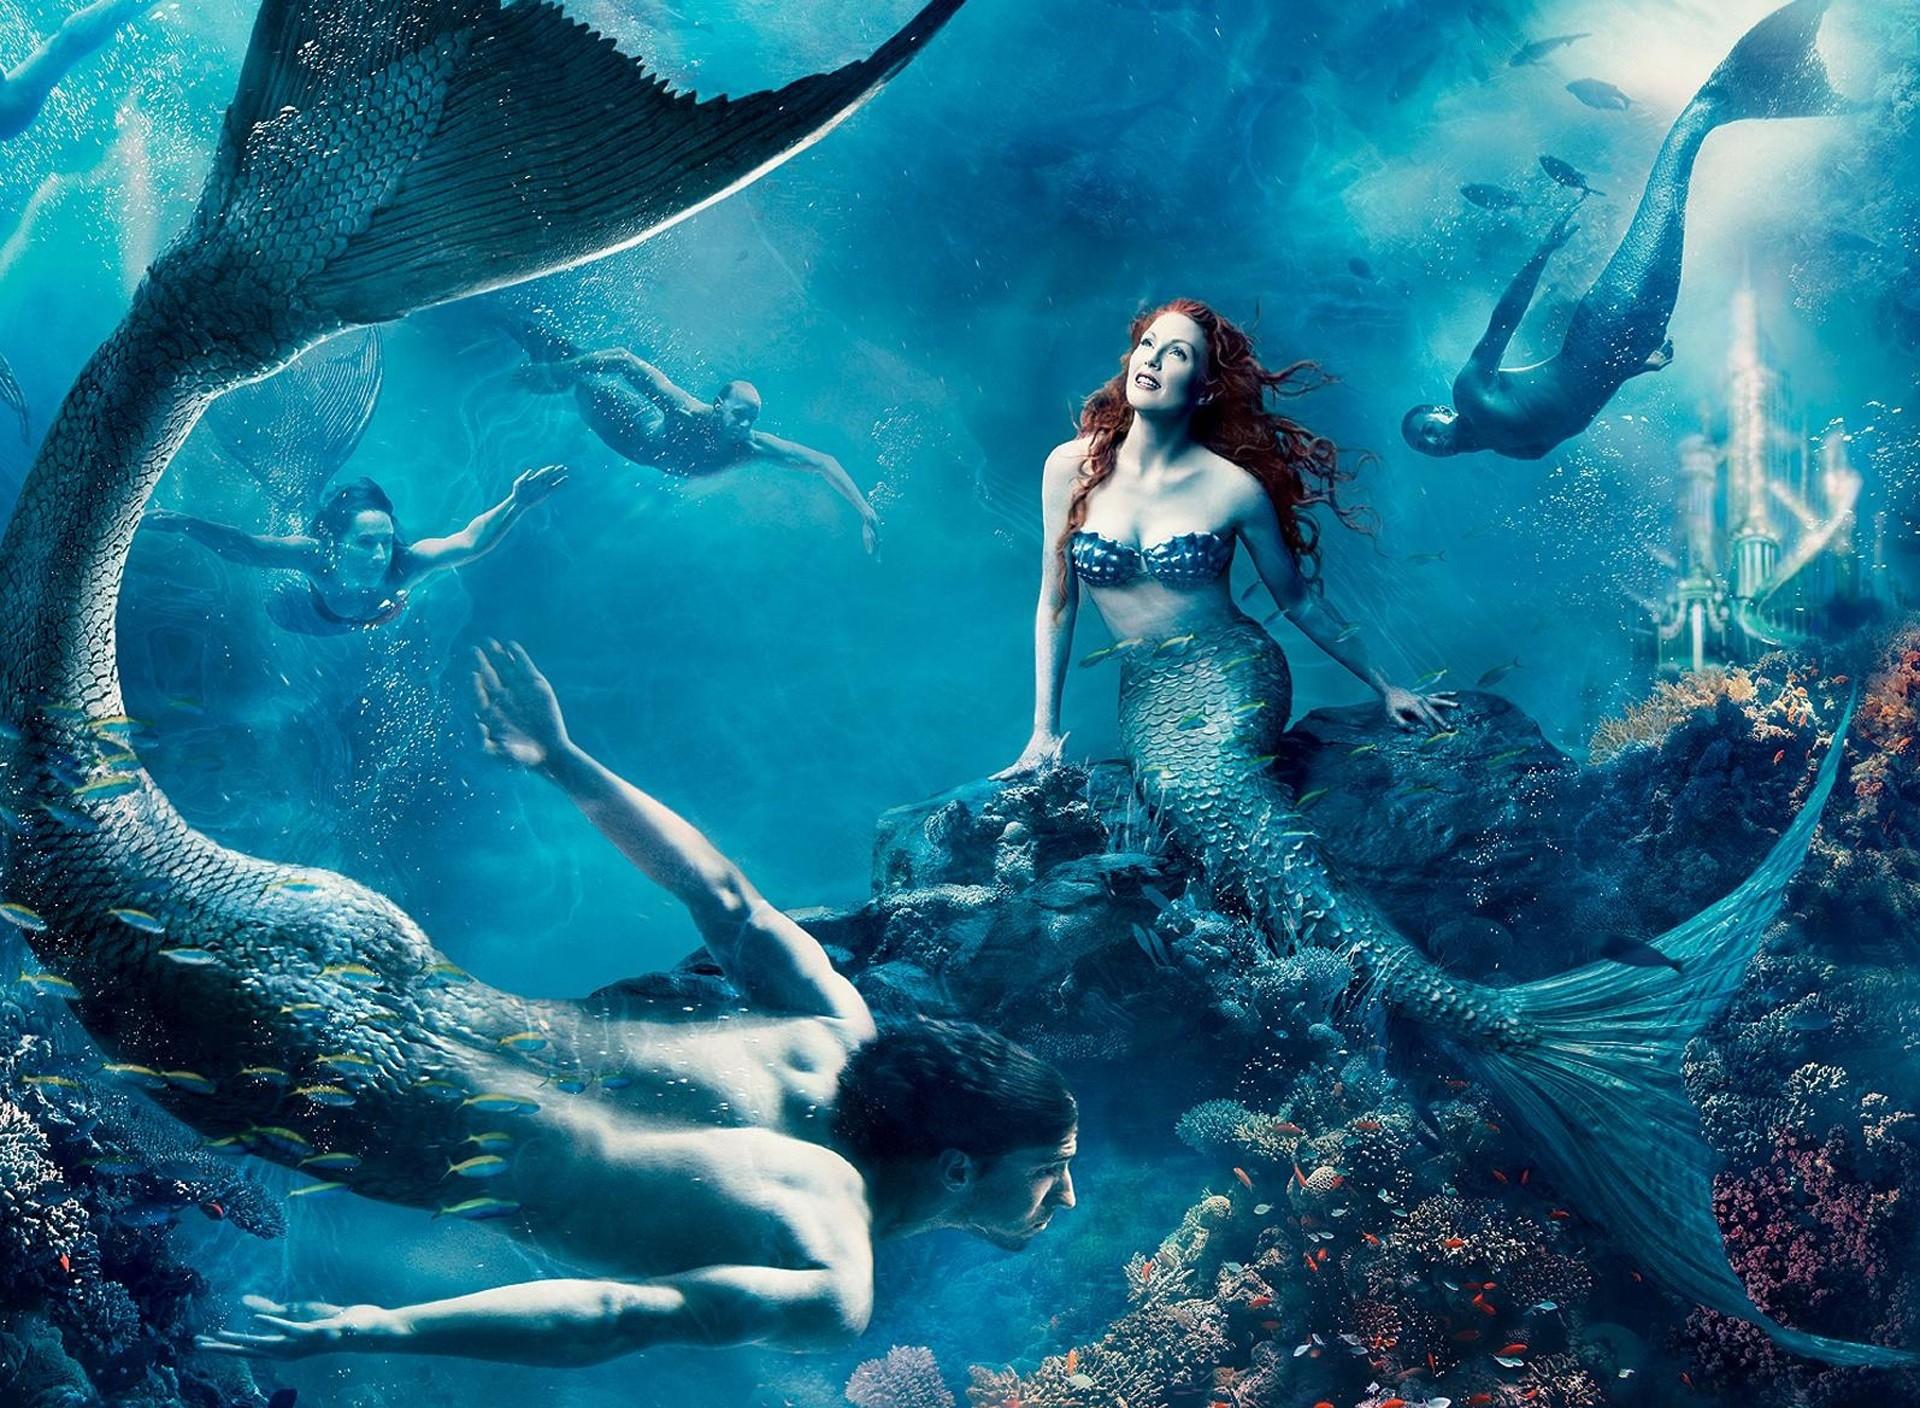 Mermaid Screensavers And Wallpaper 68 Images